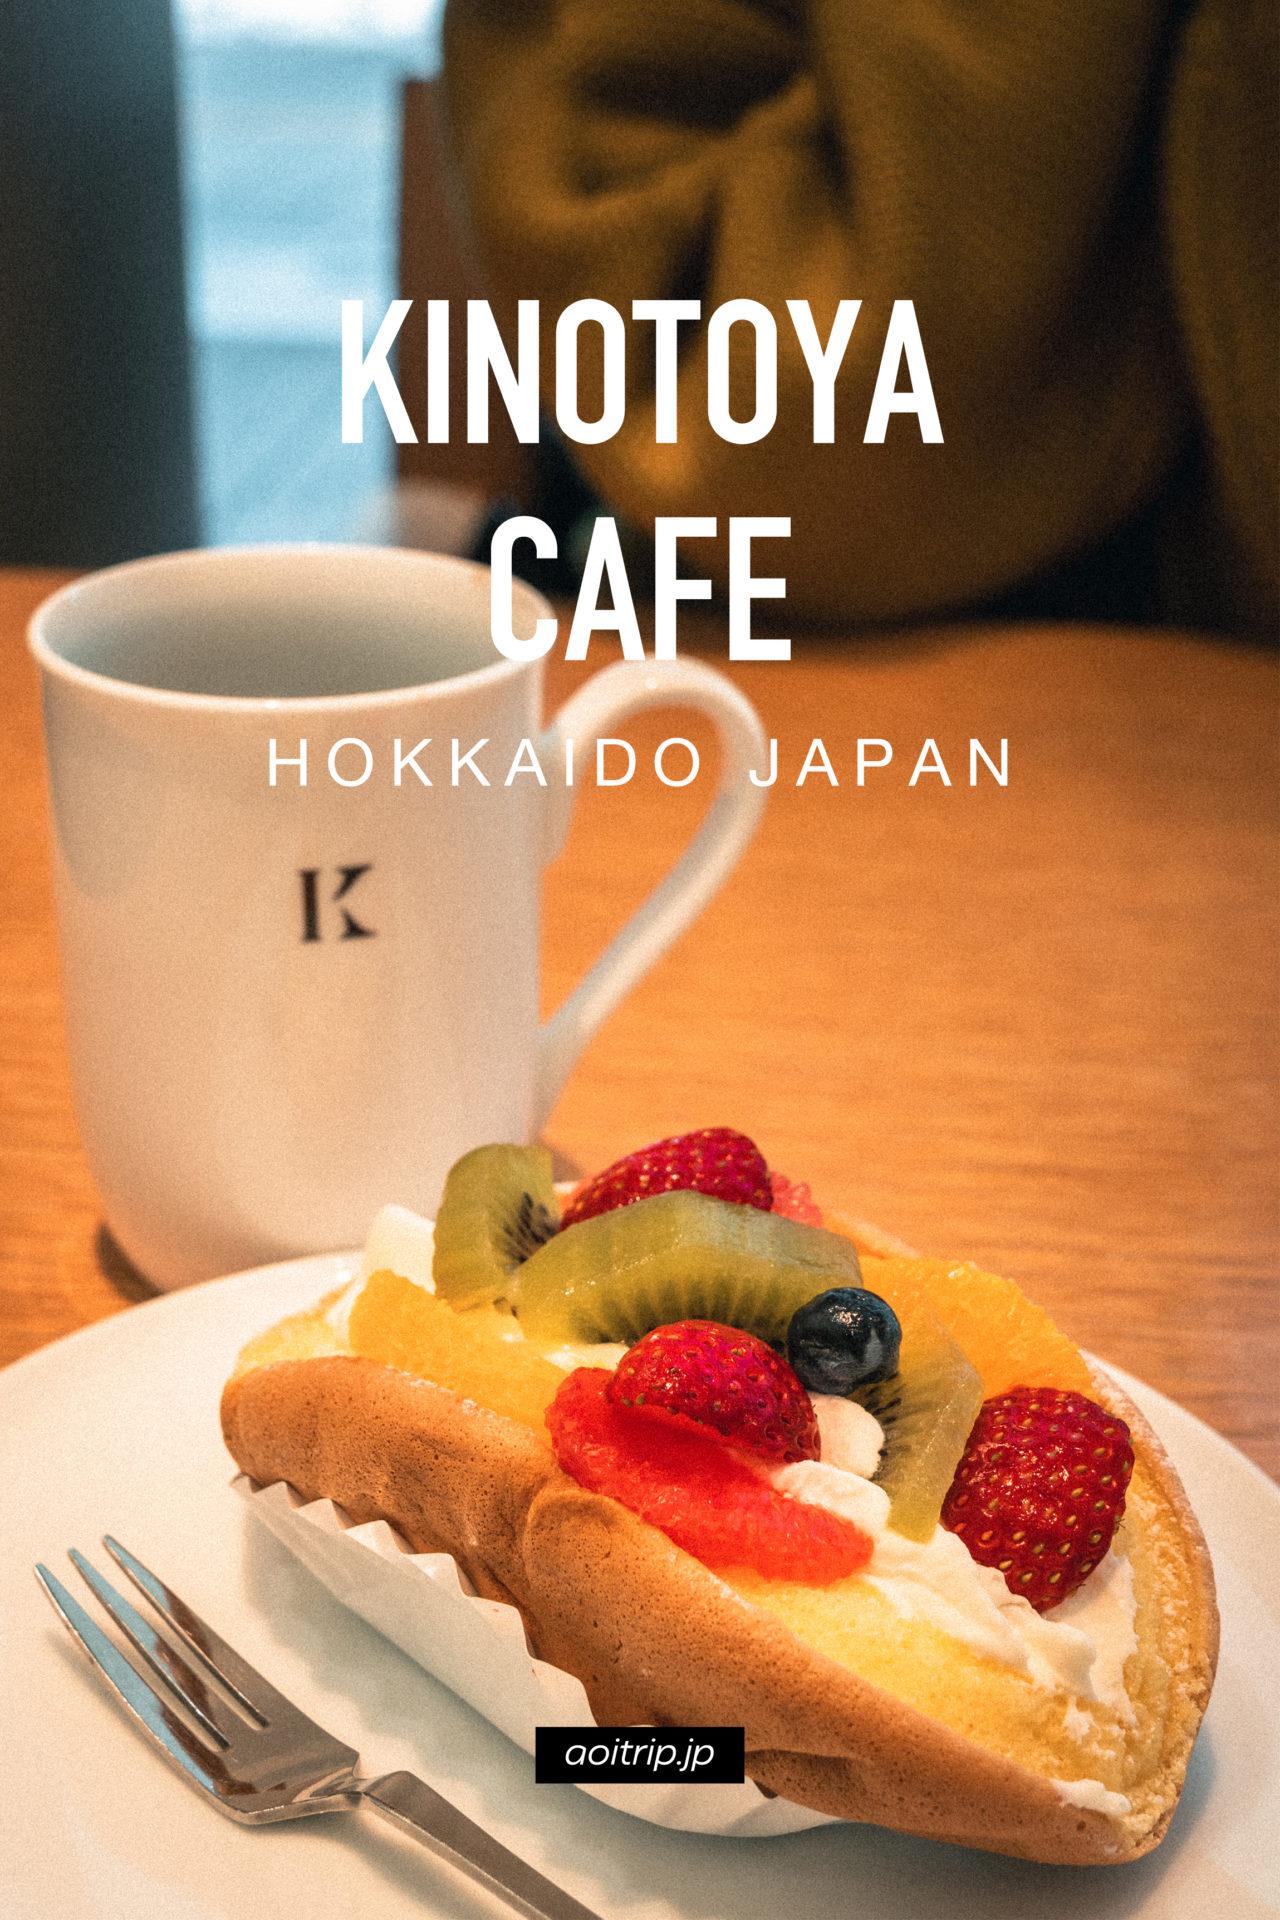 札幌大通 きのとやCafe|Kinotoya Cafe, Sapporo